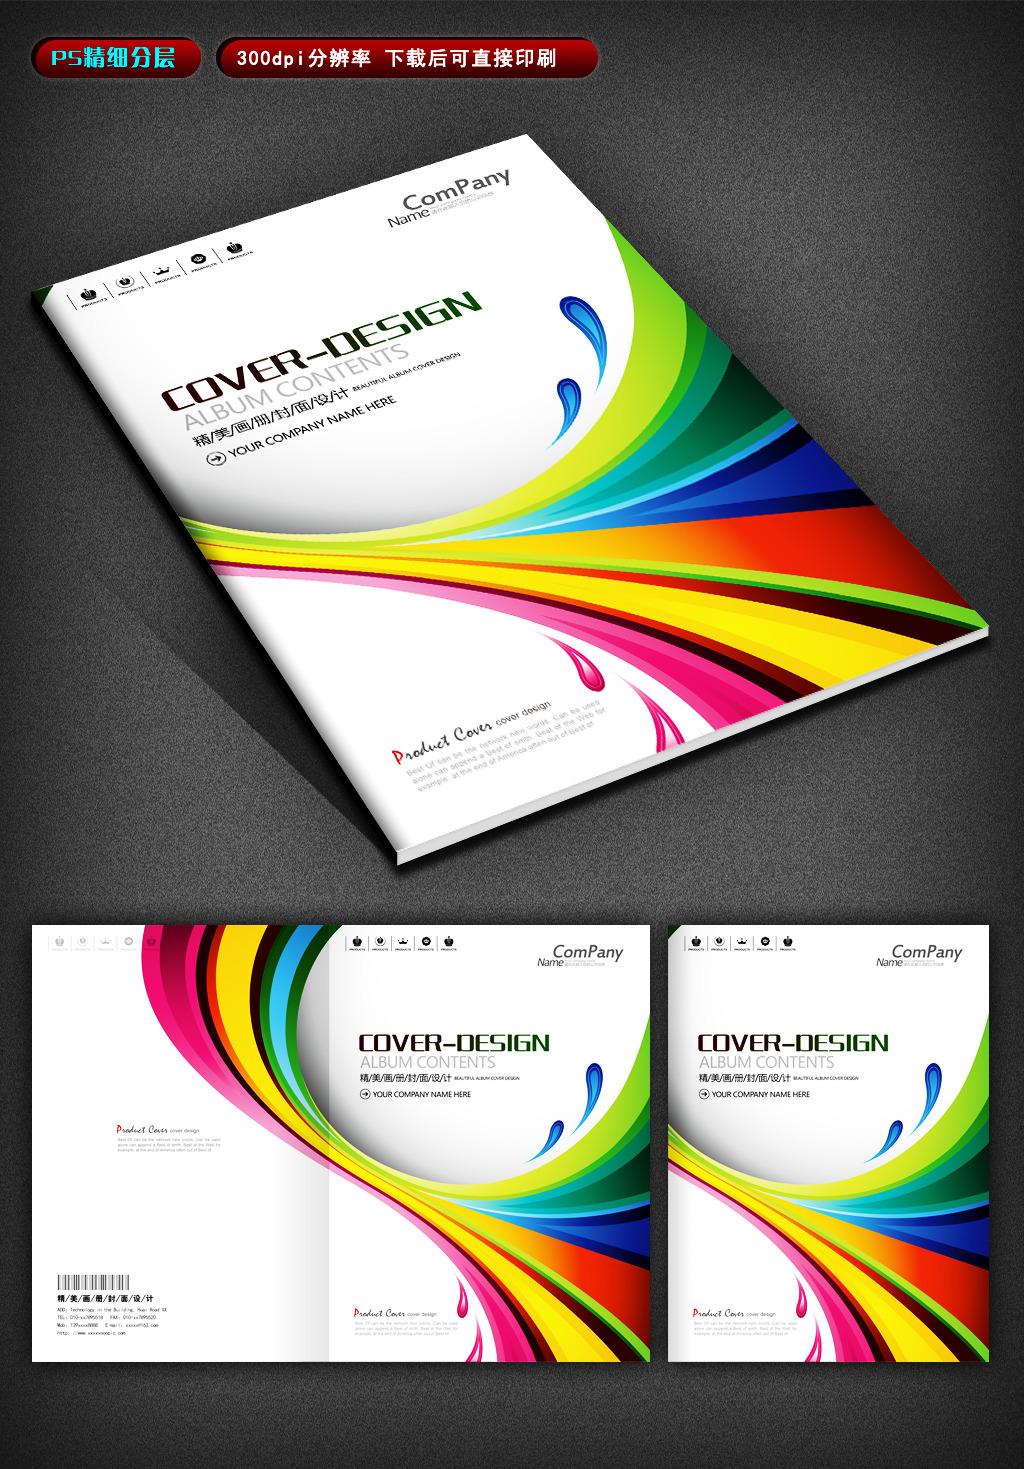 科技封面设计 宣传册封面 杂志封面 书籍封面画册设计 画册封面设计